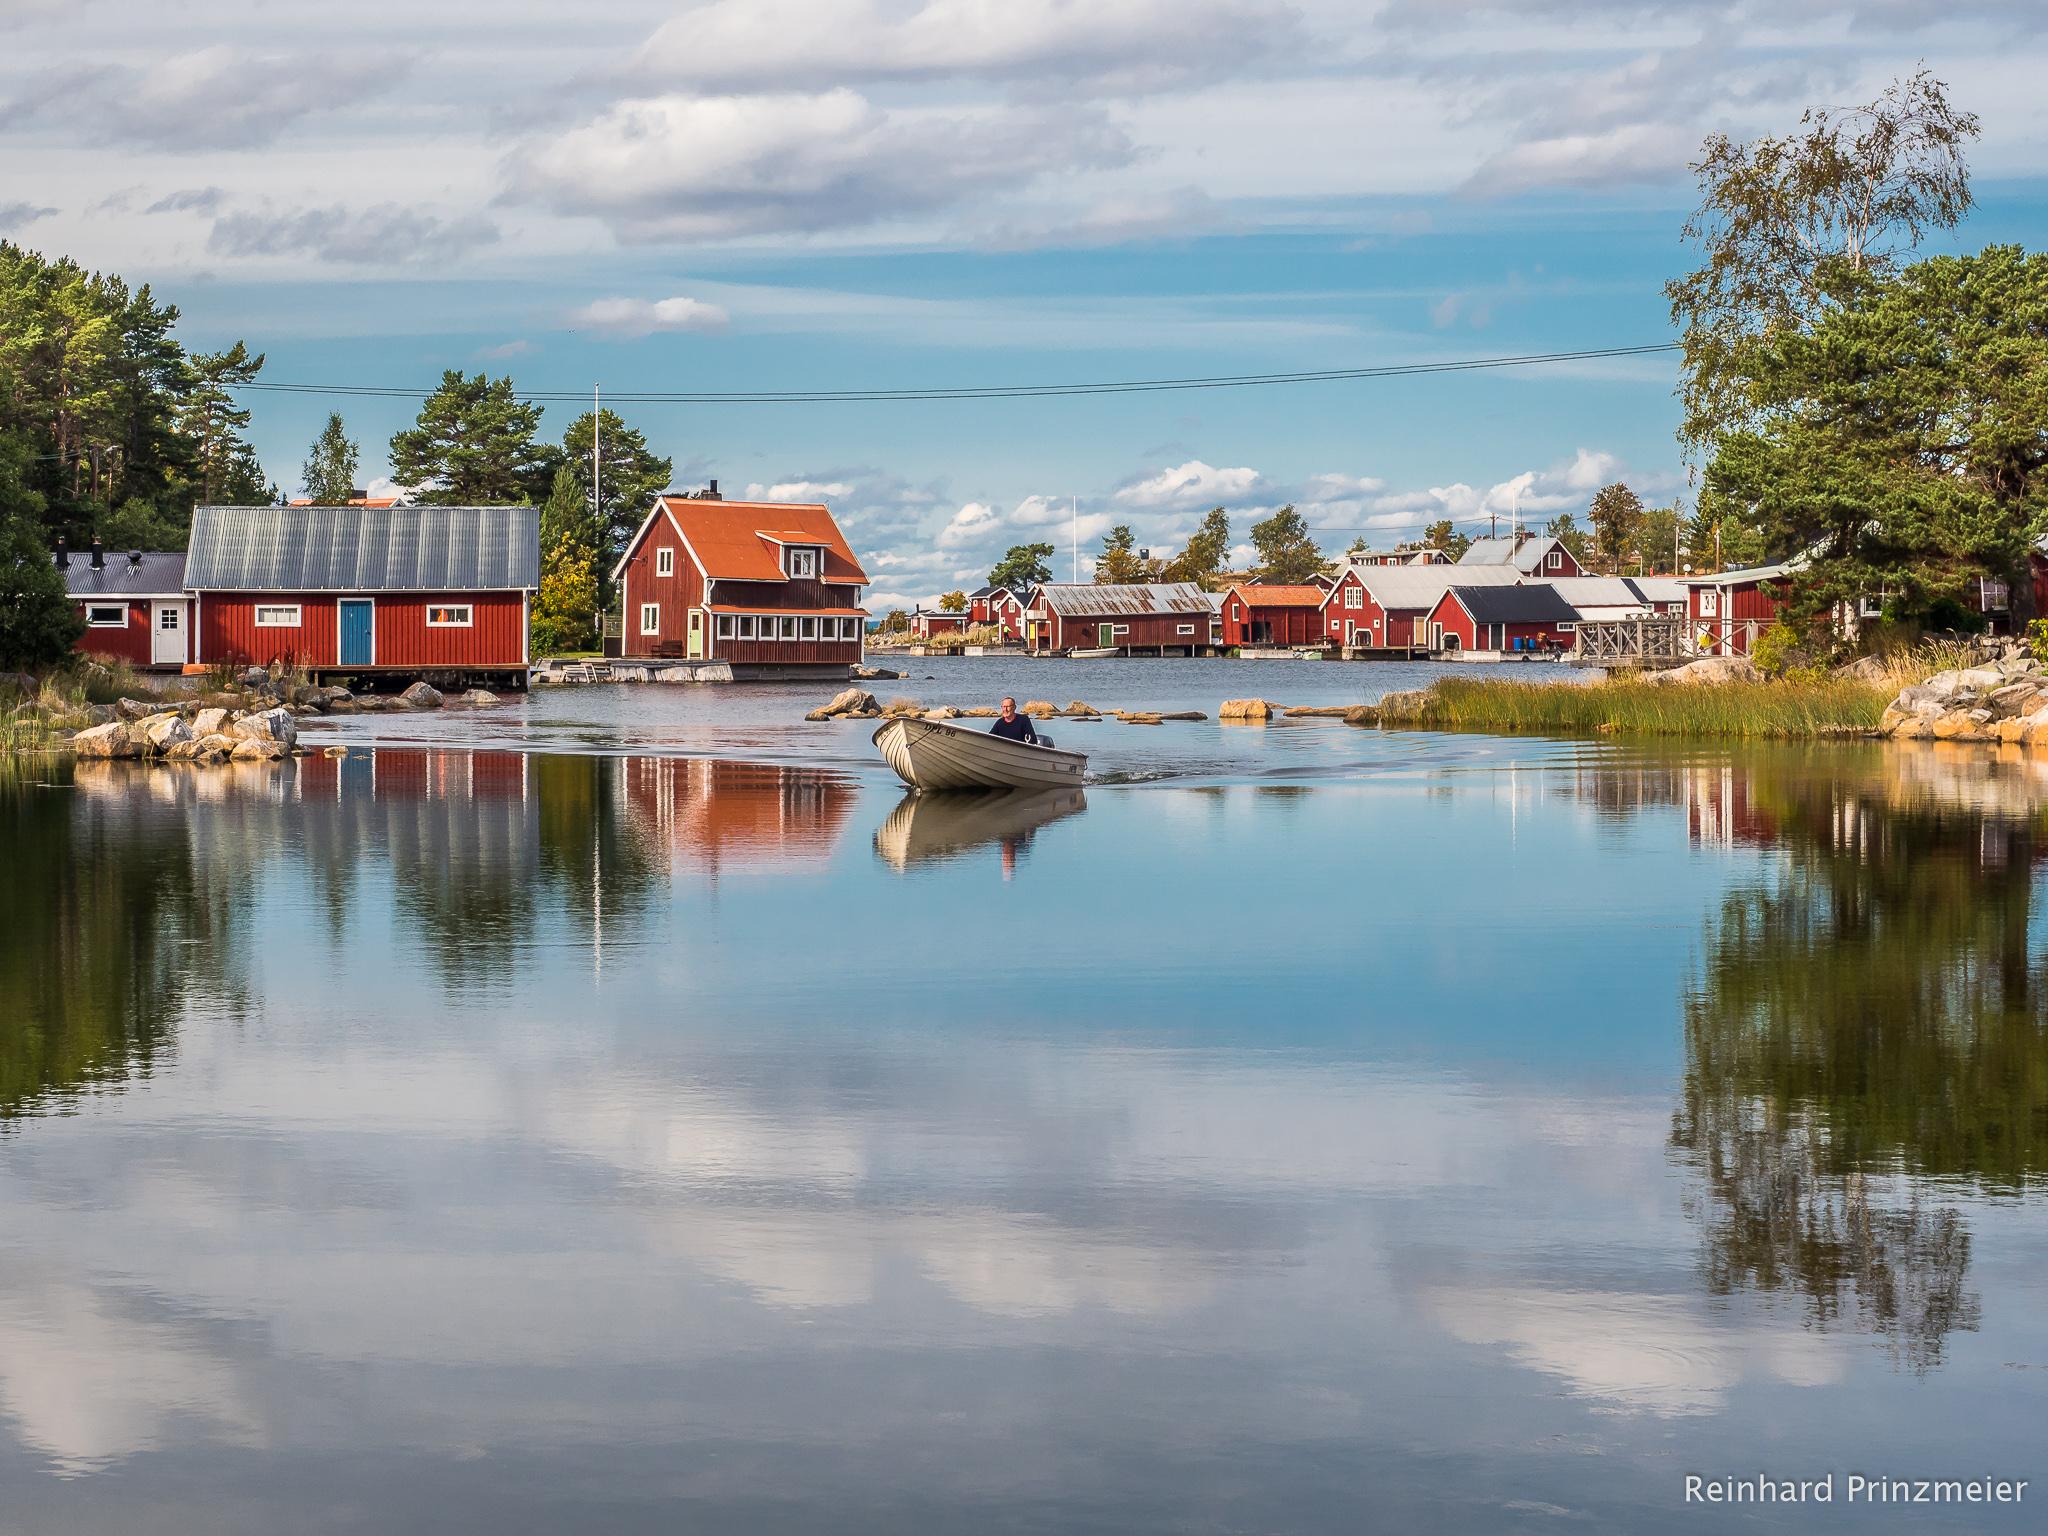 Kuggörarna, Sweden